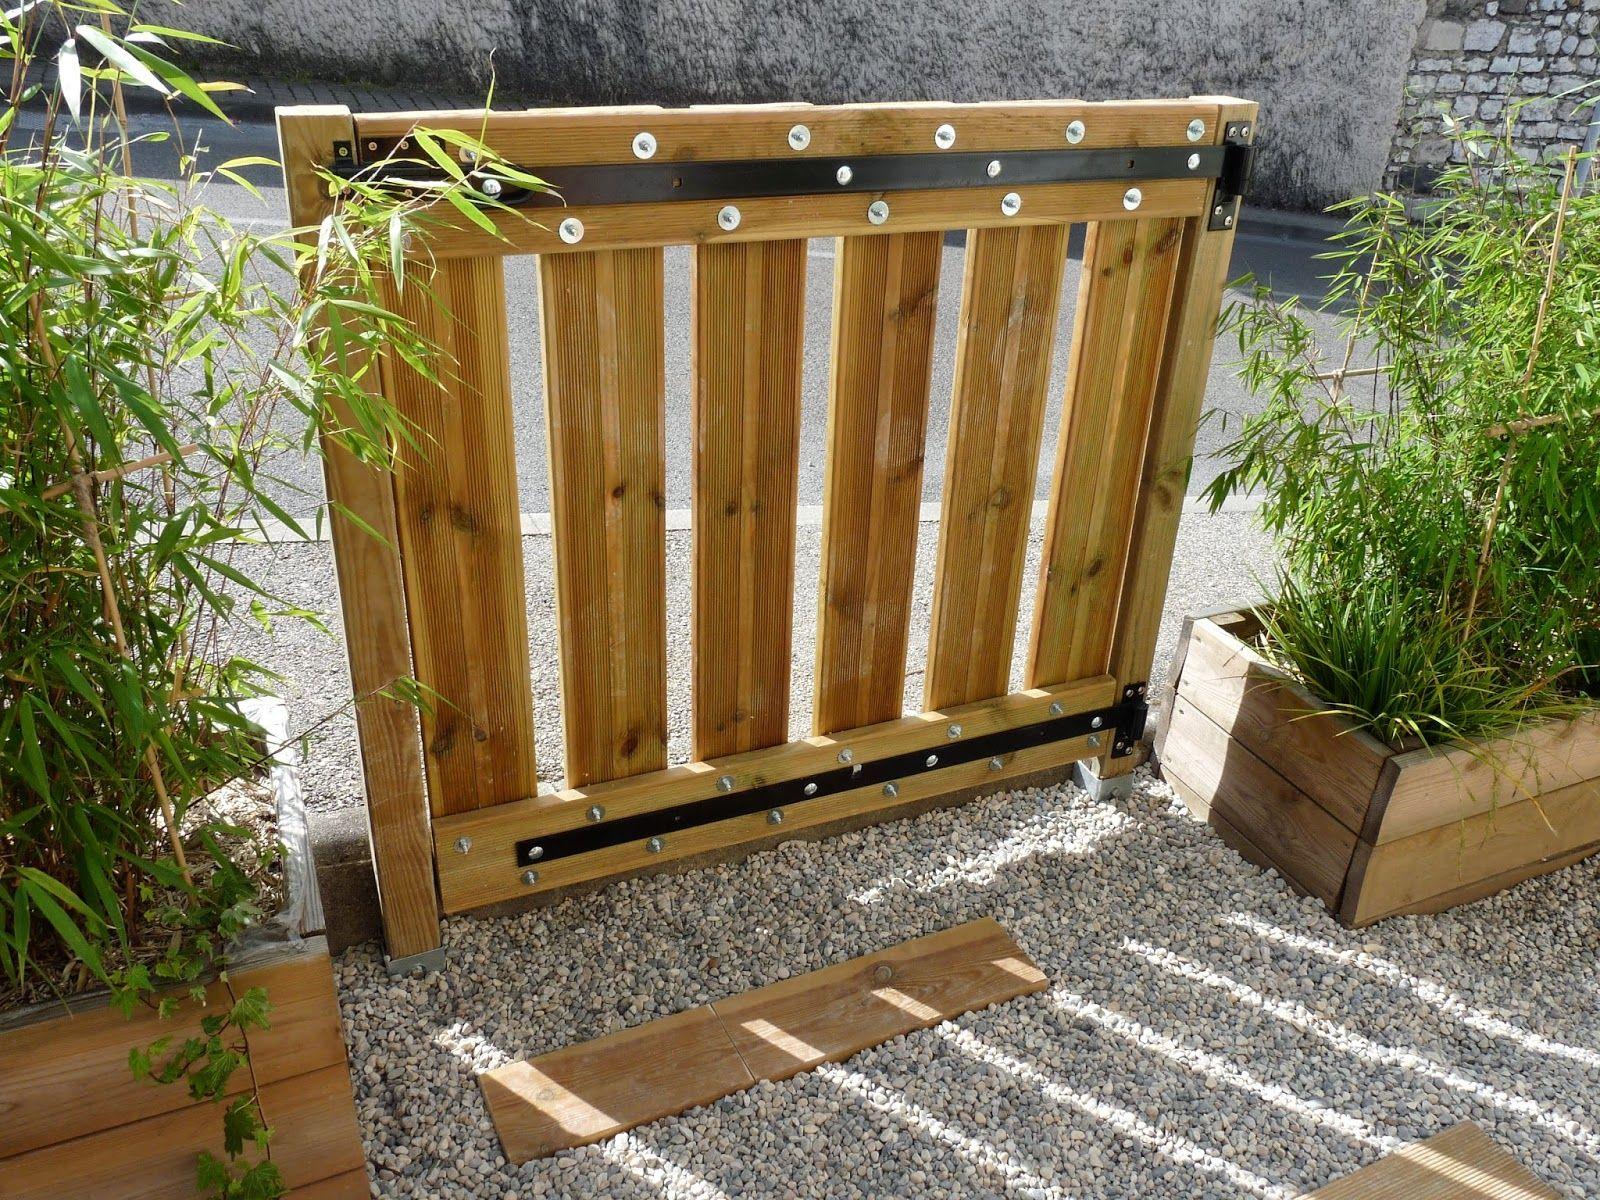 Fabriquer Un Portillon En Bois | Portillon Jardin, Portillon ... tout Portillons De Jardin